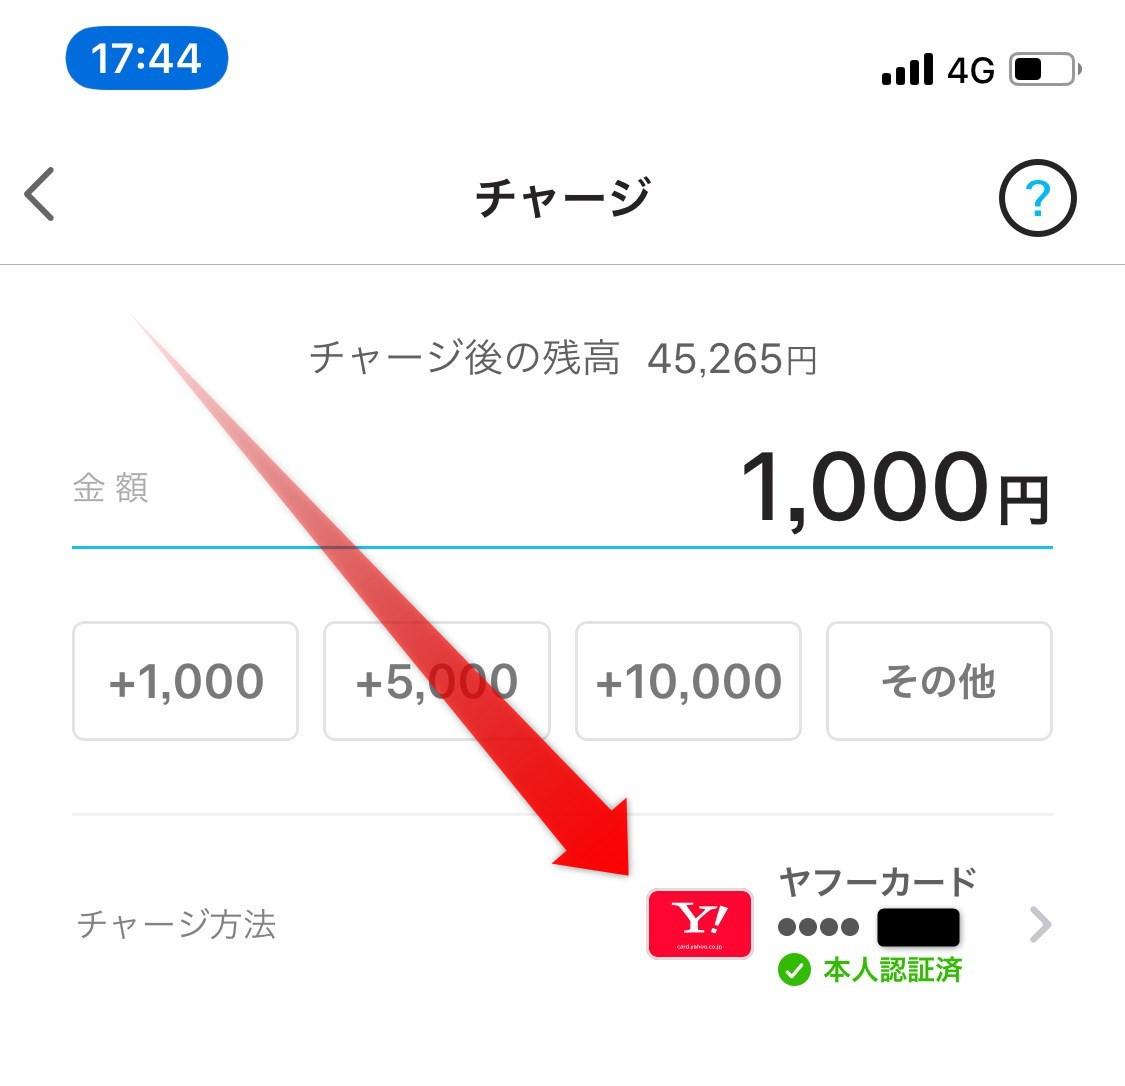 本人認証サービスに登録済みのYahoo! JAPANカードでPayPayにチャージ